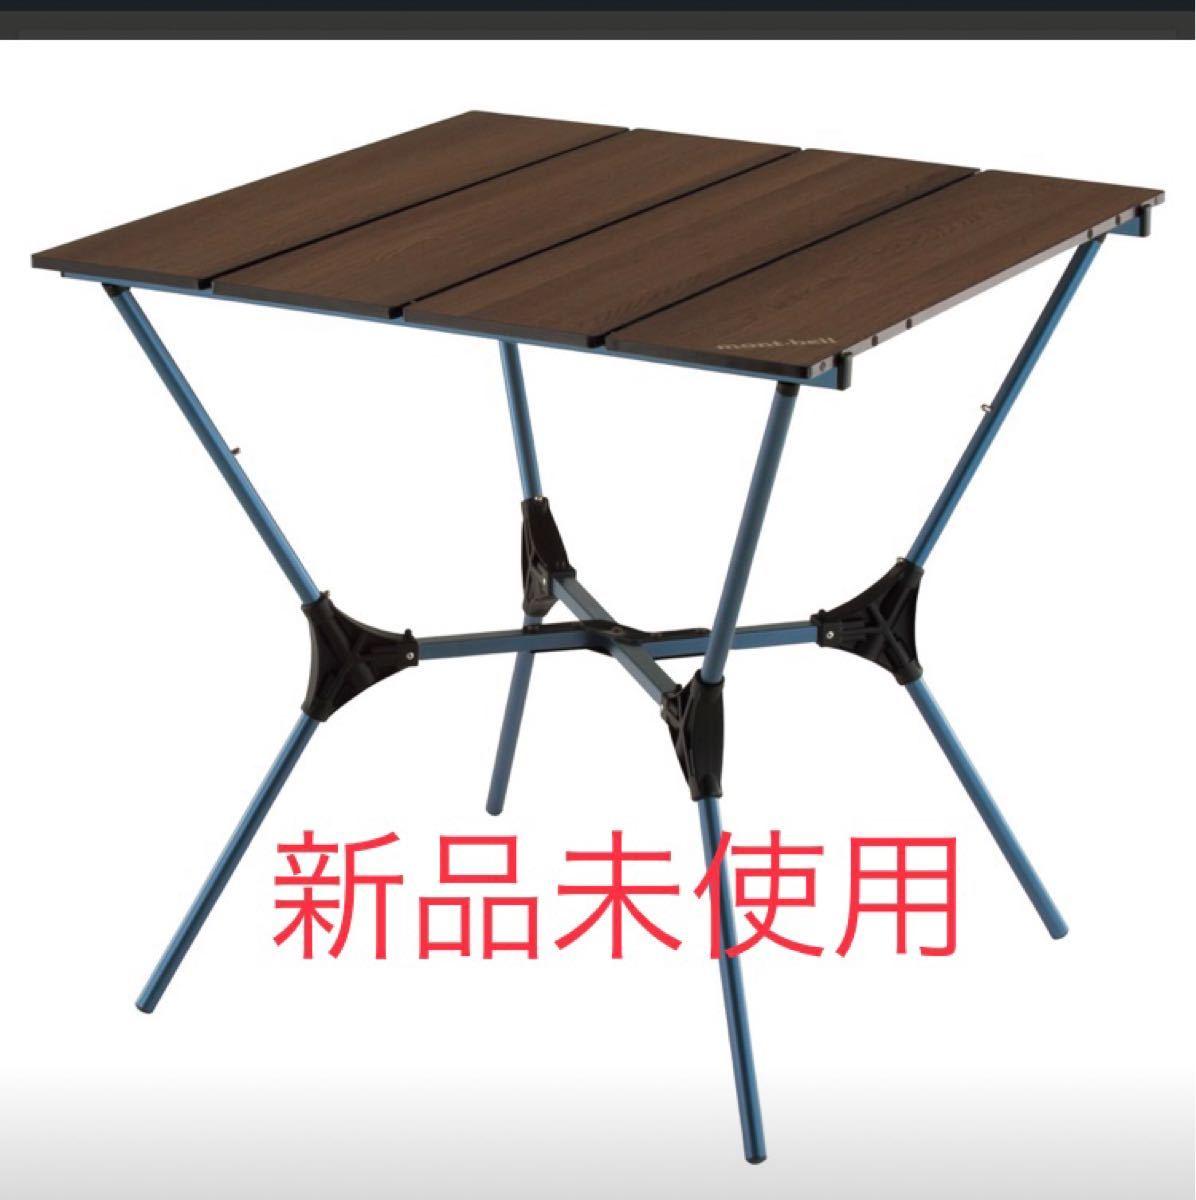 モンベル マルチフォールディングテーブル アウトドア キャンプ アウトドアテーブル